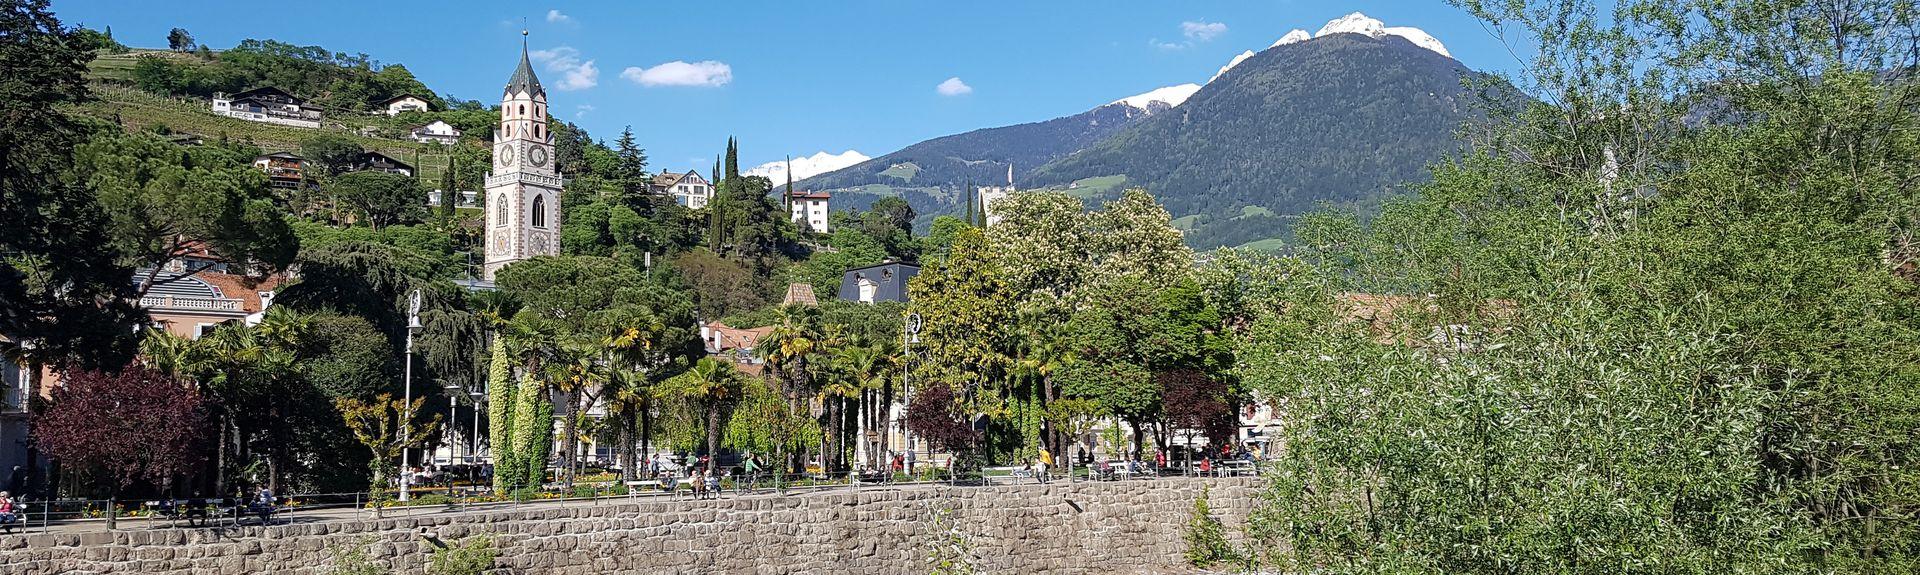 Lana, Alto Adige, Trentino-Alto Adige/South Tyrol, Italy